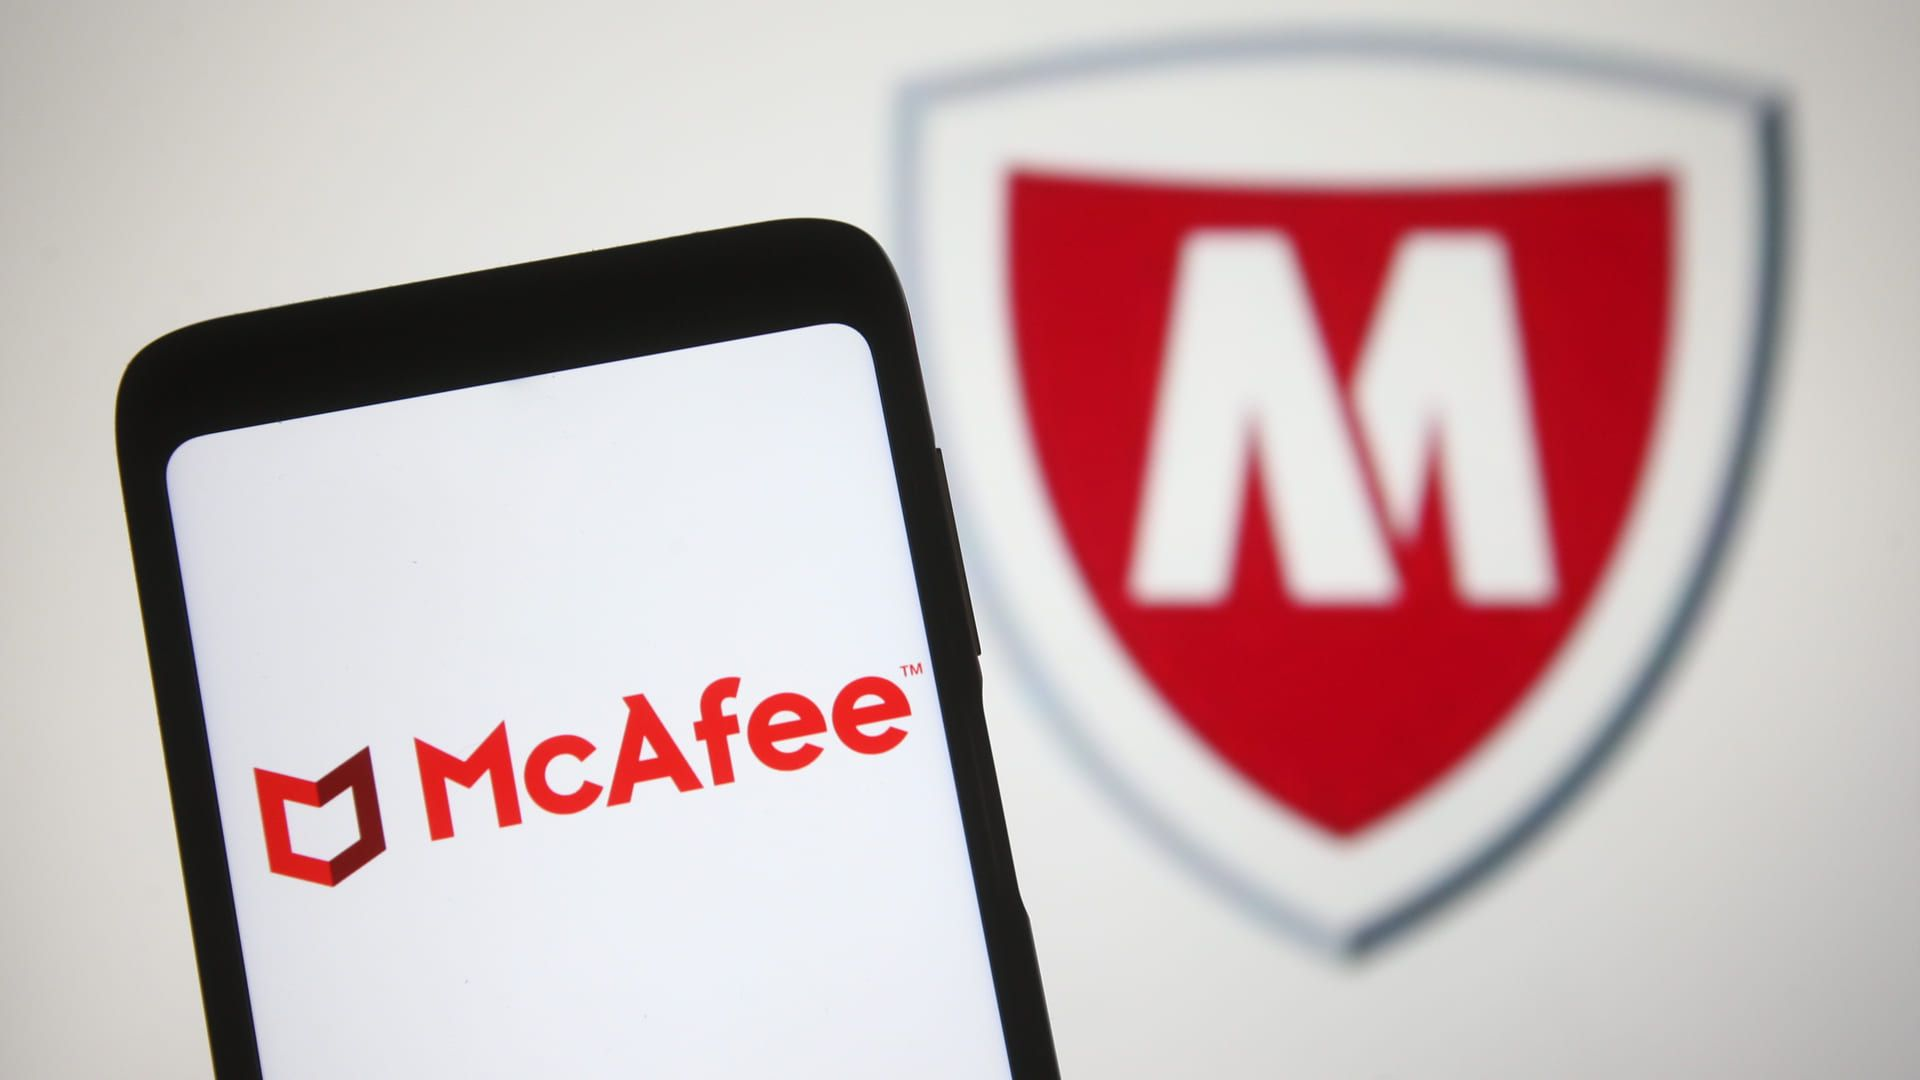 O McAfee dispõe de recursos que mantém o desempenho de seus dispositivos sem abrir mão da segurança (Fonte: Shutterstock)